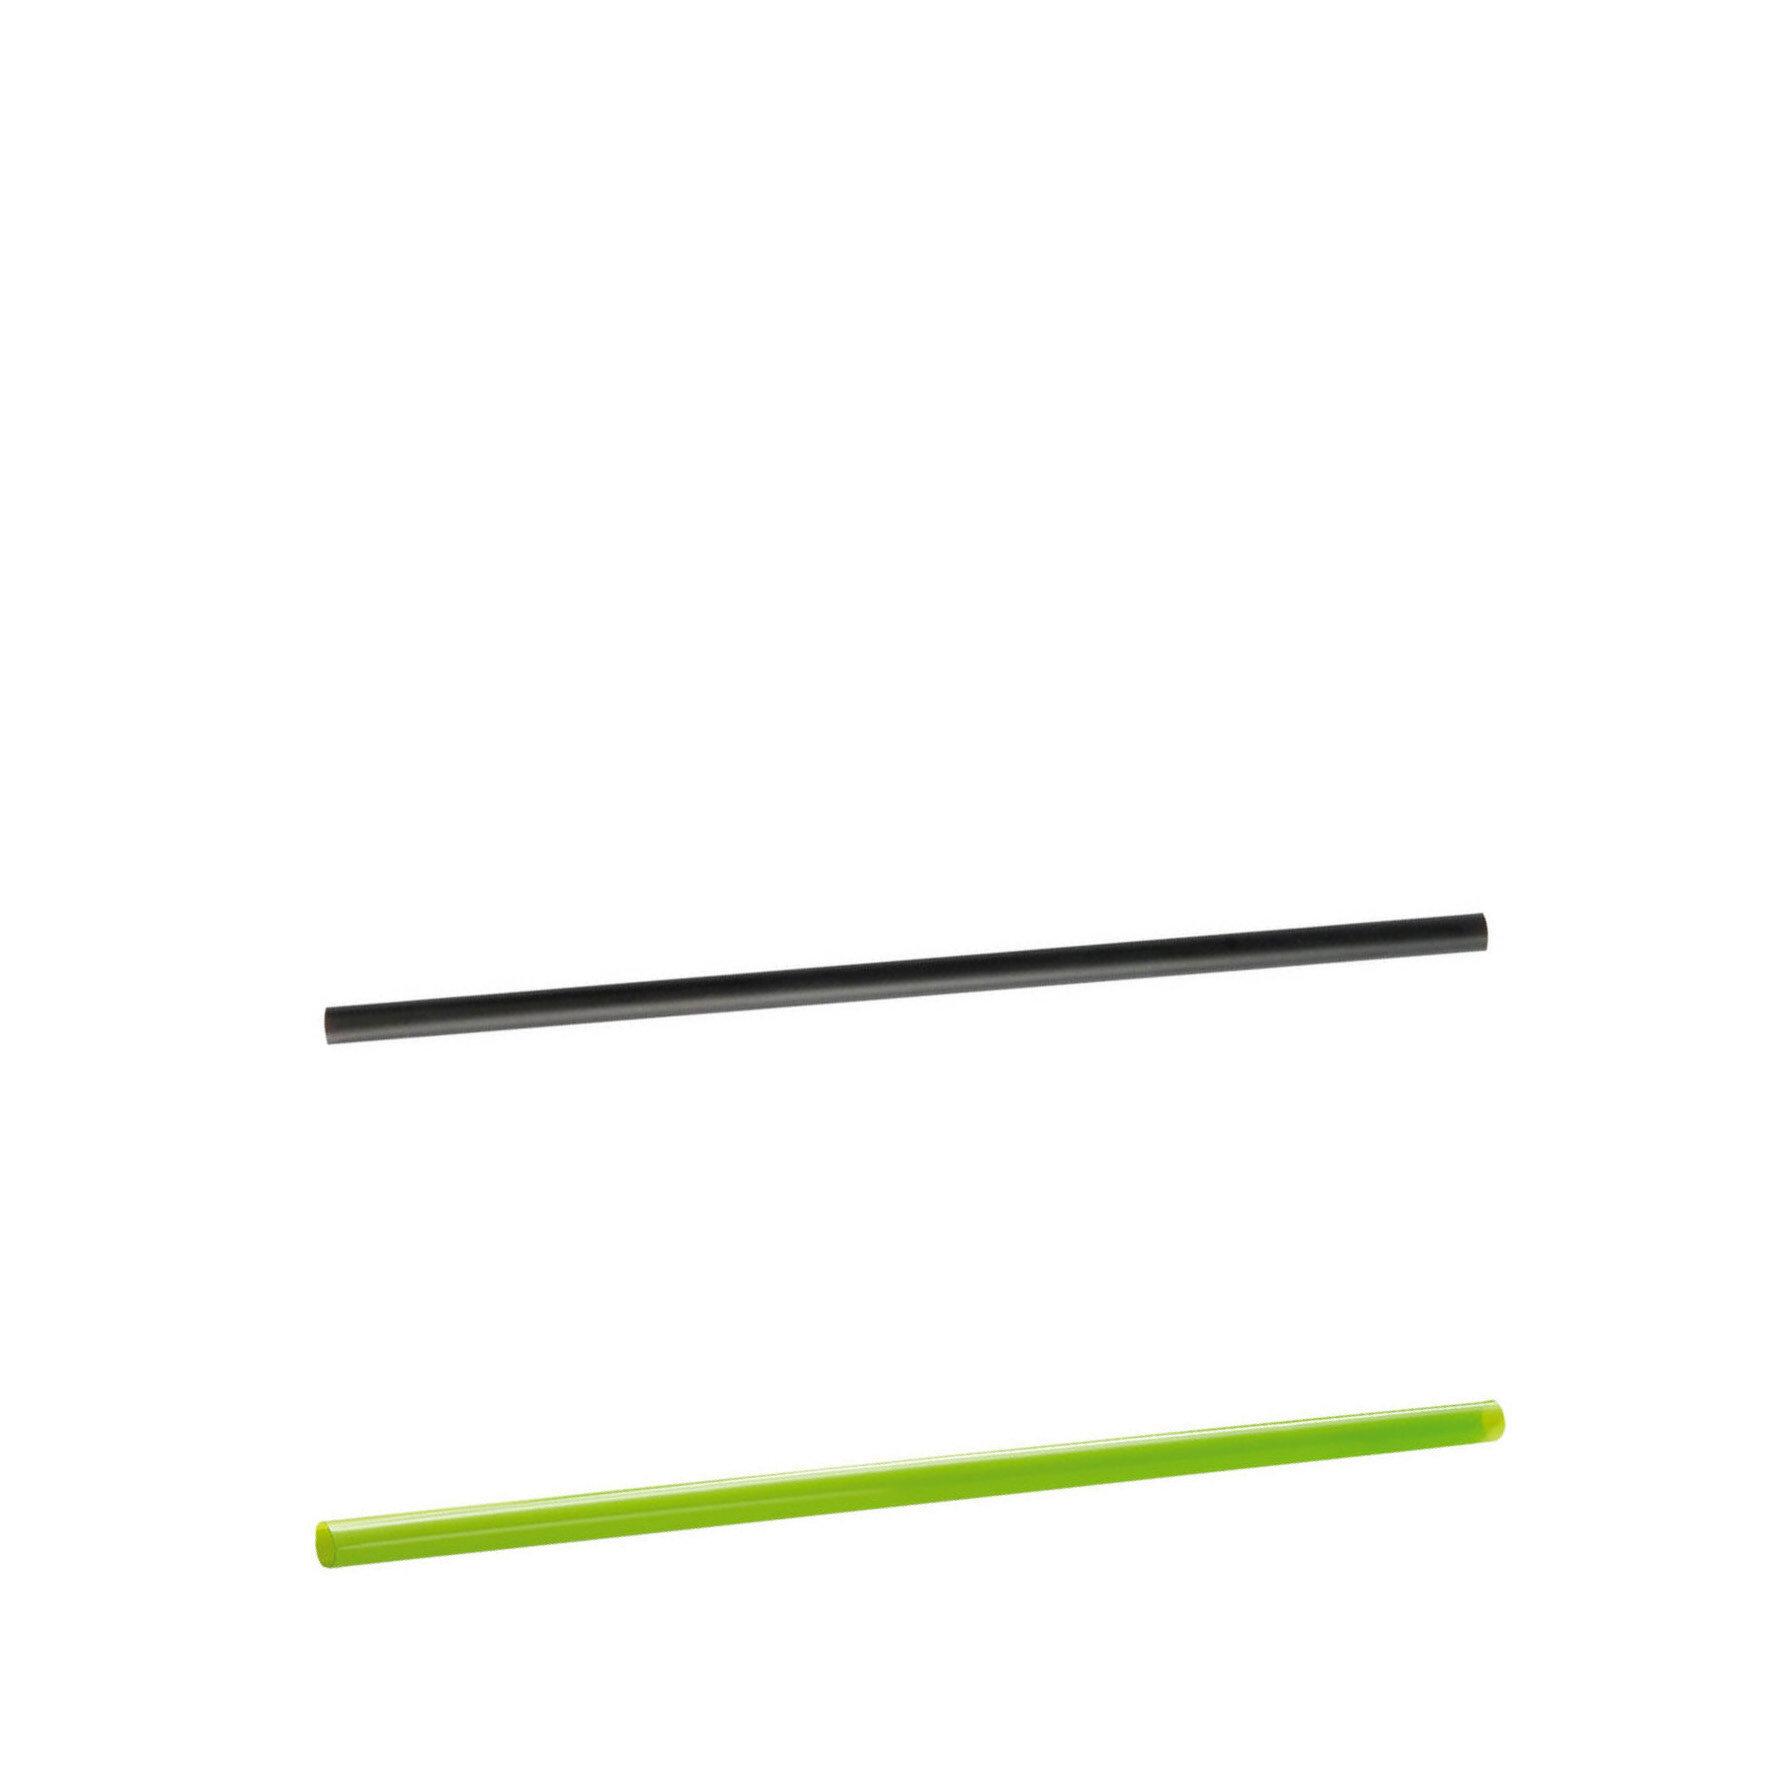 WEBAcup  Trinkhalm aus PLA    Grün und schwarz, bis max. +45°C, nicht für Heißgetränke geeignet, industriell kompostierbar